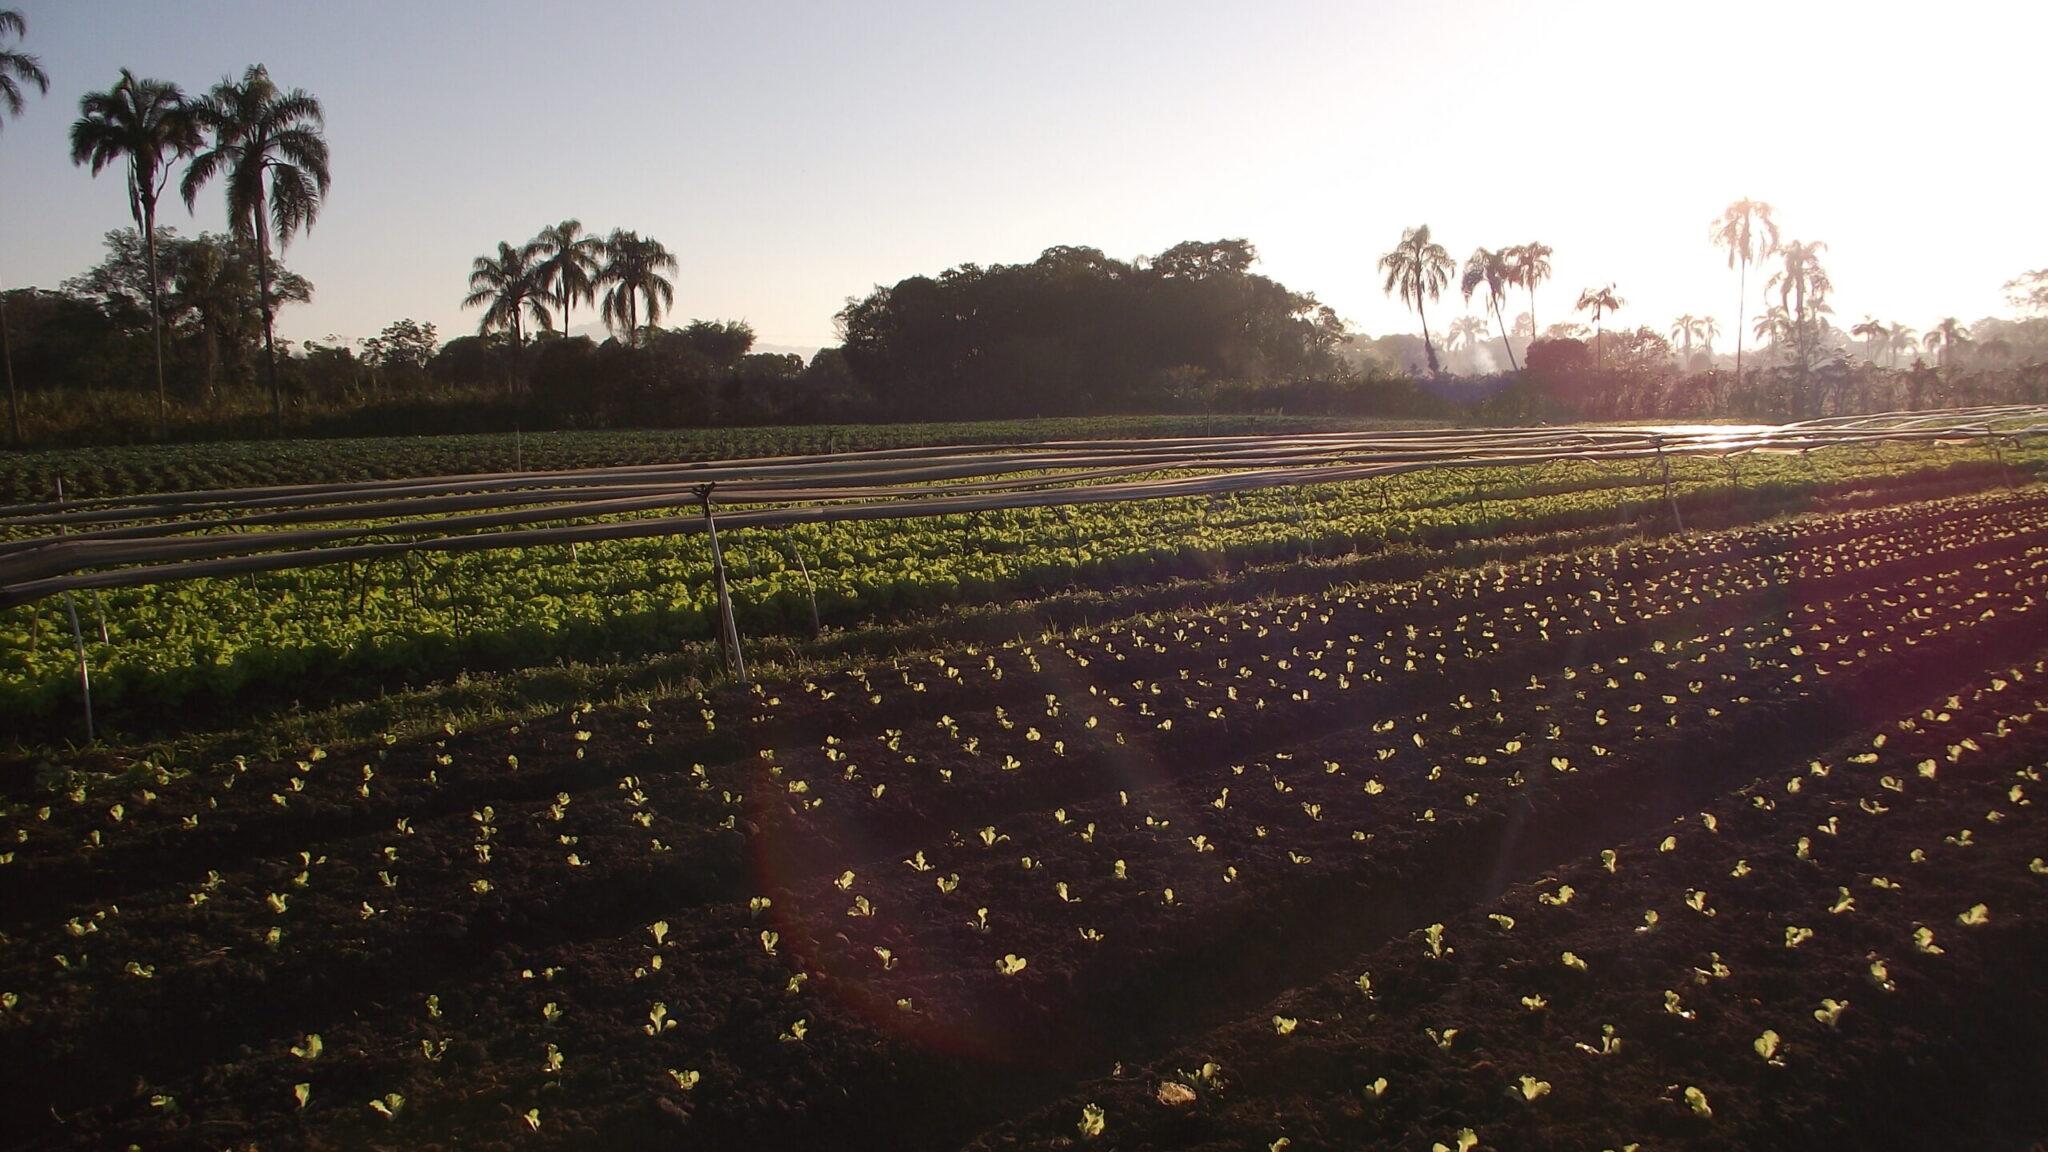 L'agroecologia spazzatura